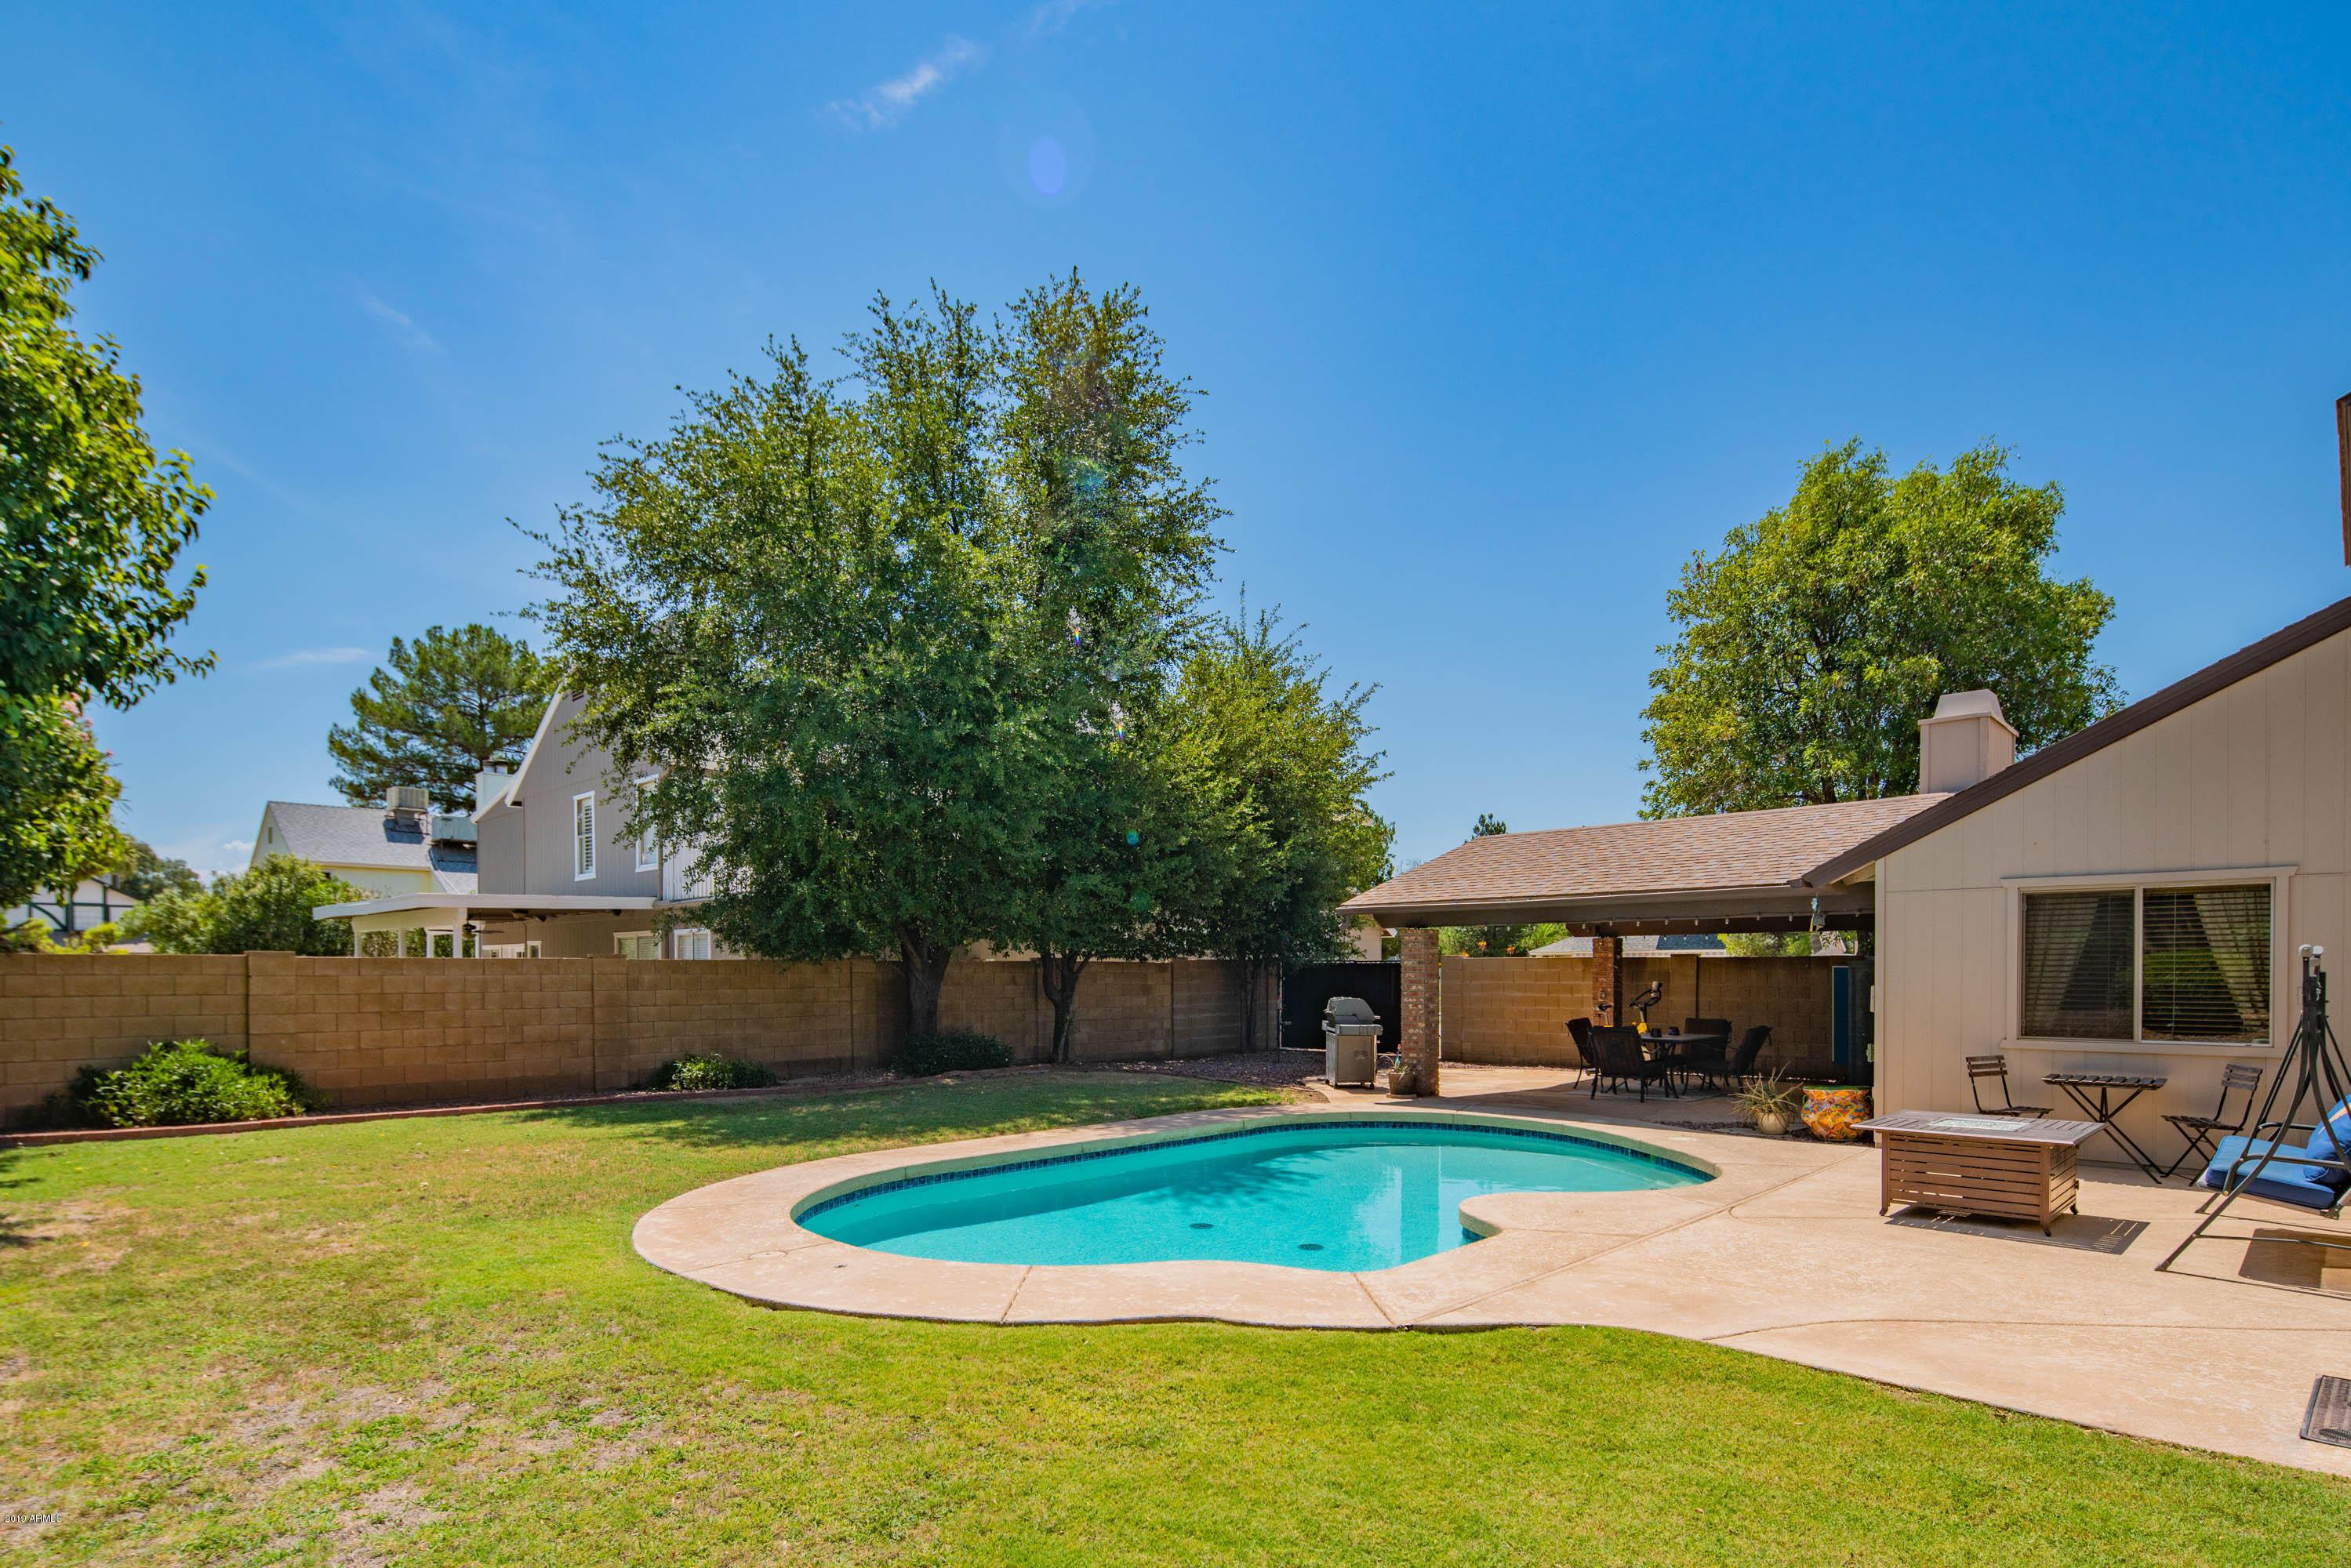 MLS 5957746 4934 E Nisbet Road, Scottsdale, AZ 85254 Scottsdale AZ Private Pool